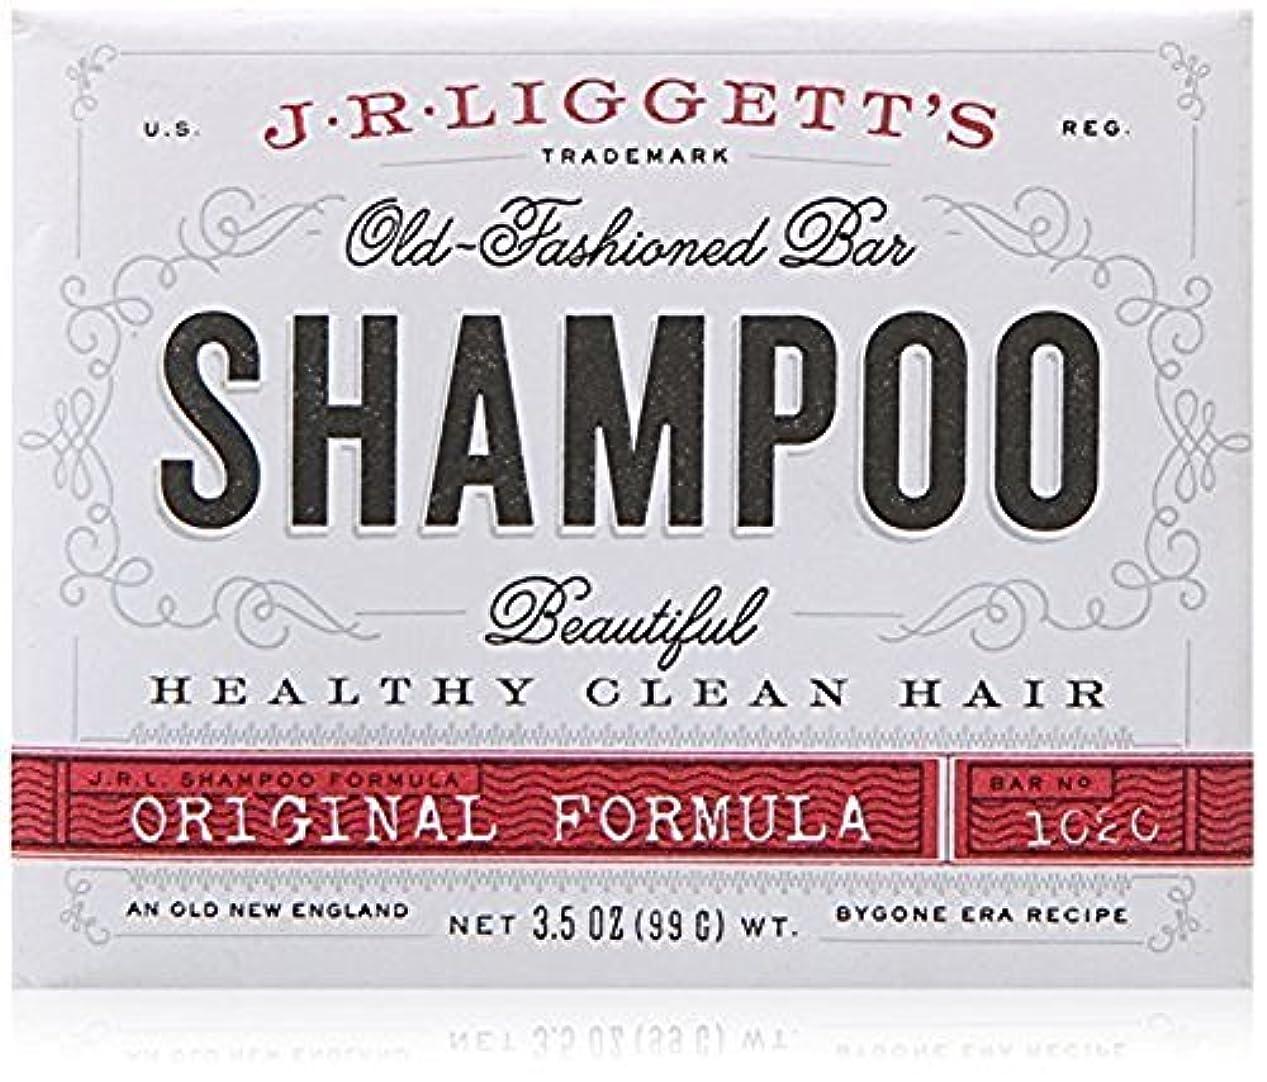 乳白色新聞エキゾチックx J.R.Liggett's Old-Fashioned Bar Shampoo The Original Formula - 3.5 oz by J.R. Liggett